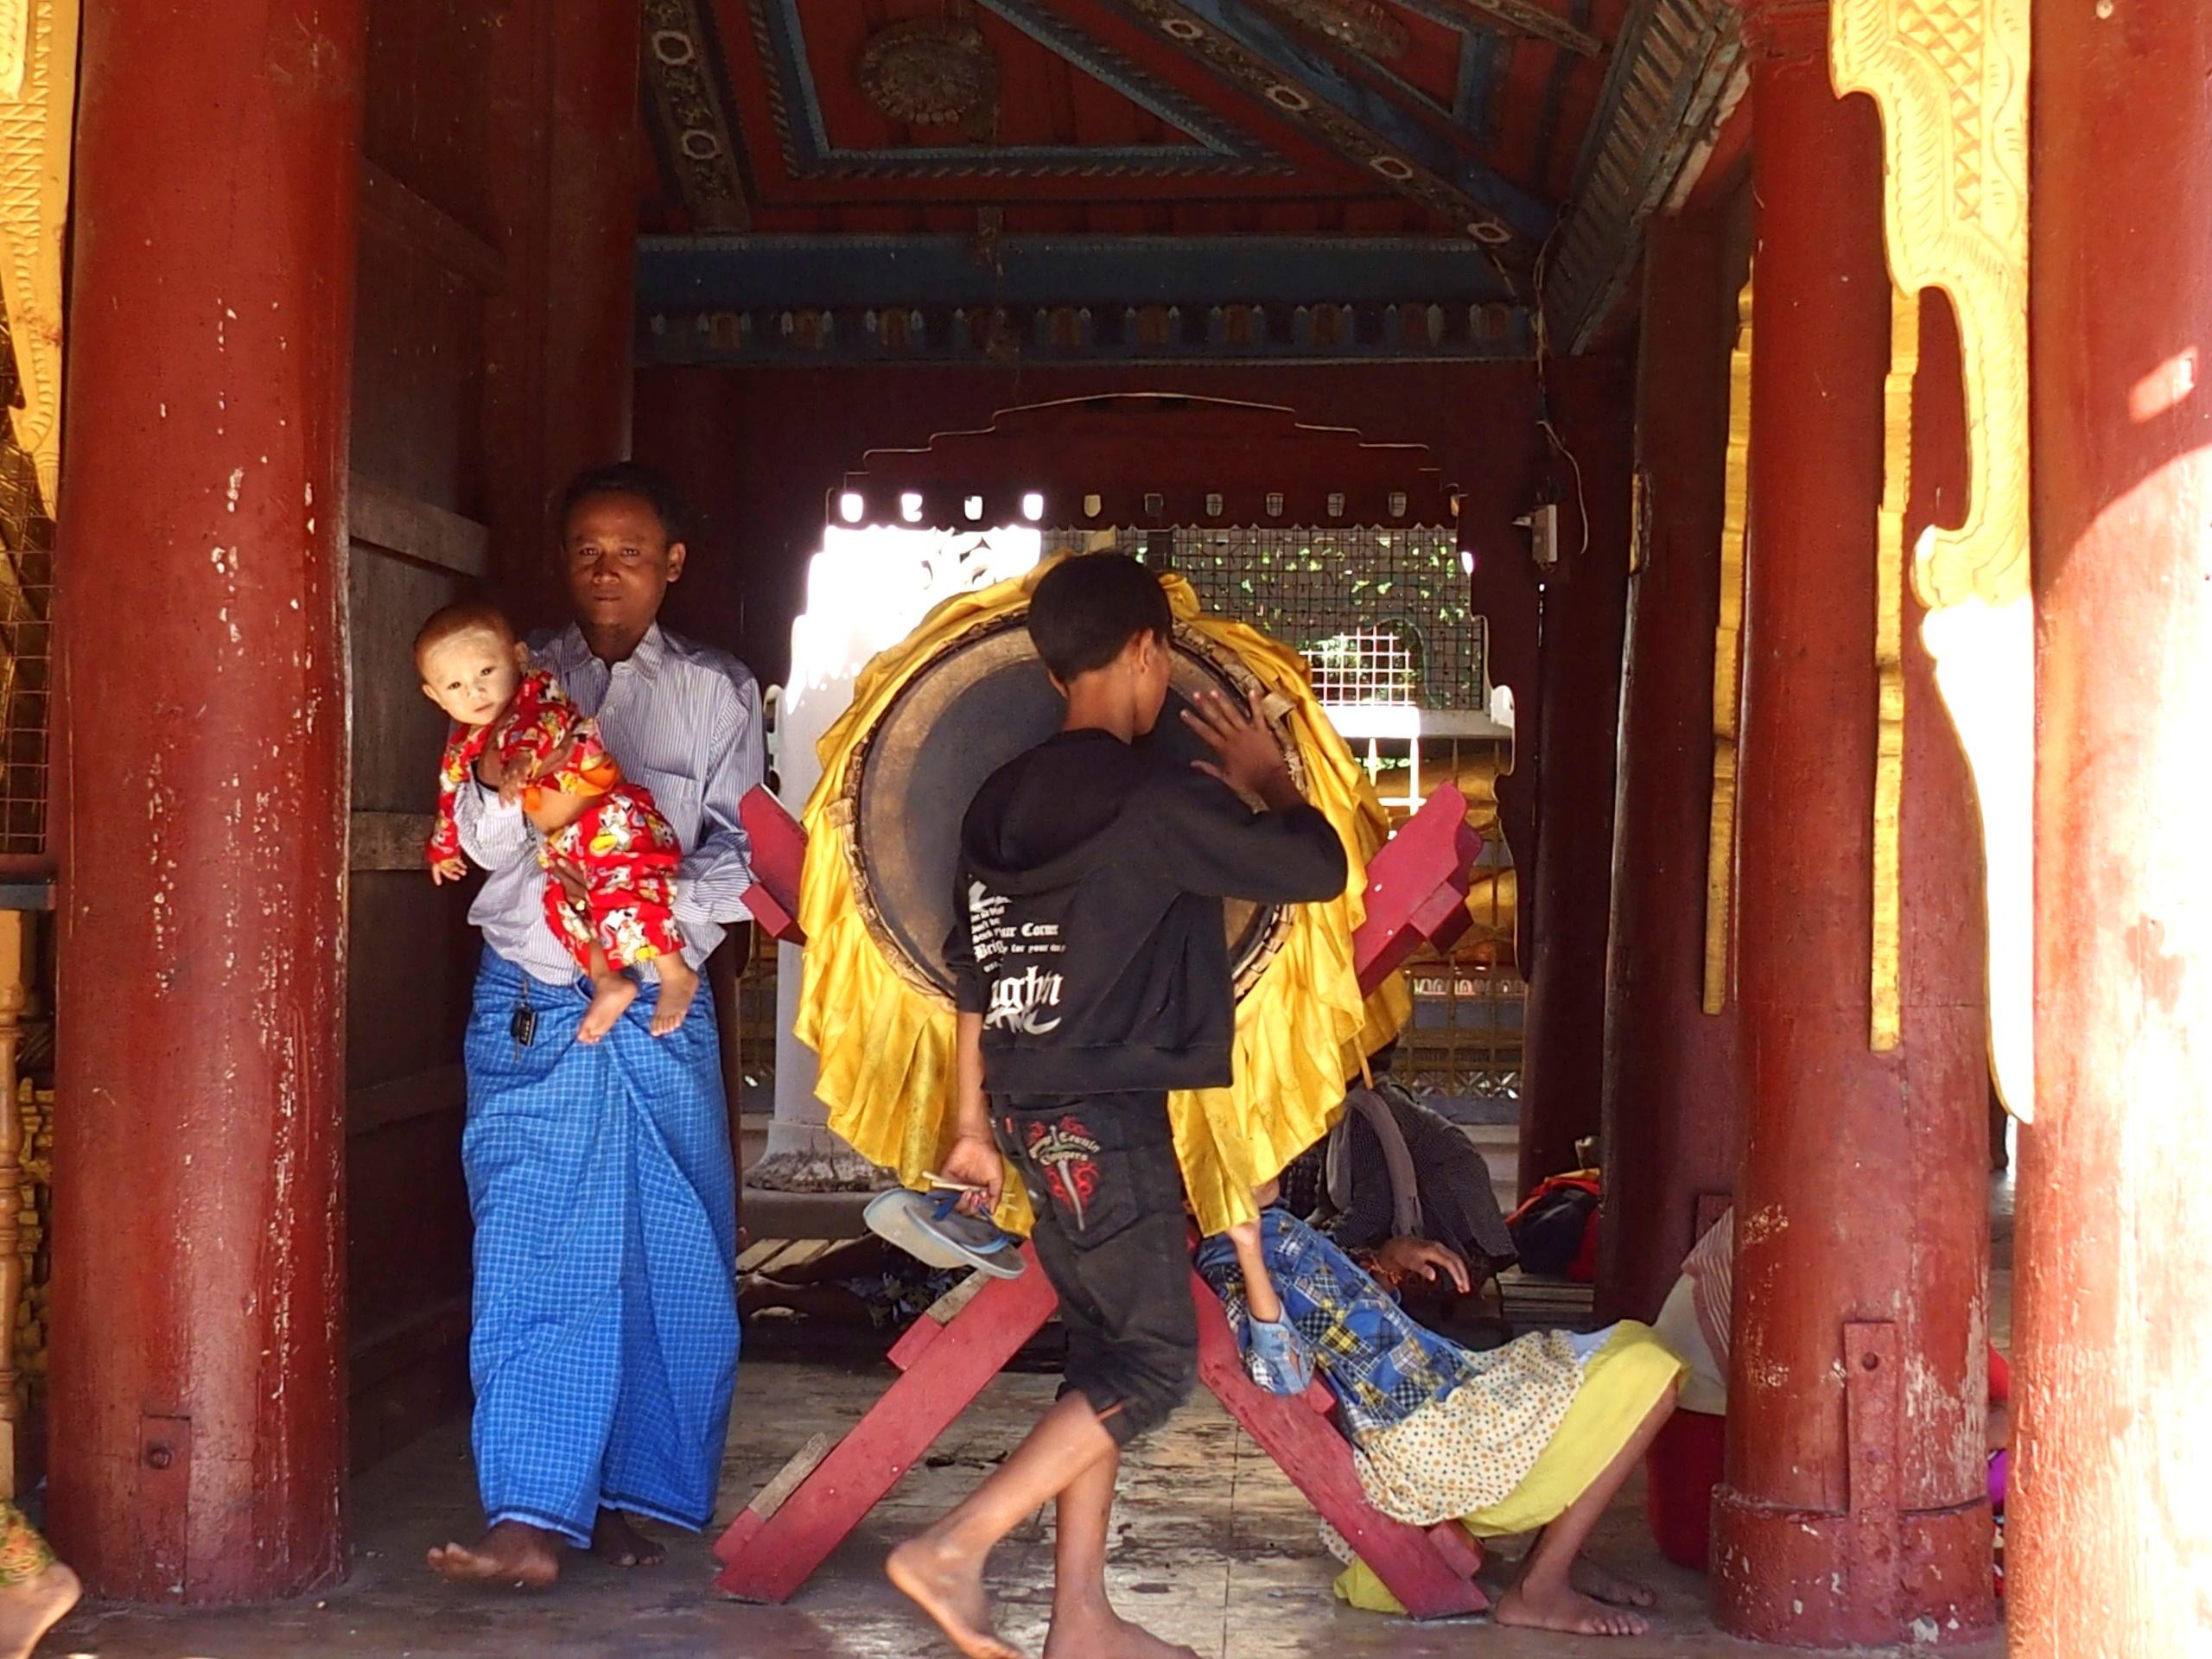 Enfant-au-tambour-Shwezigon-Bagan-Myanmar